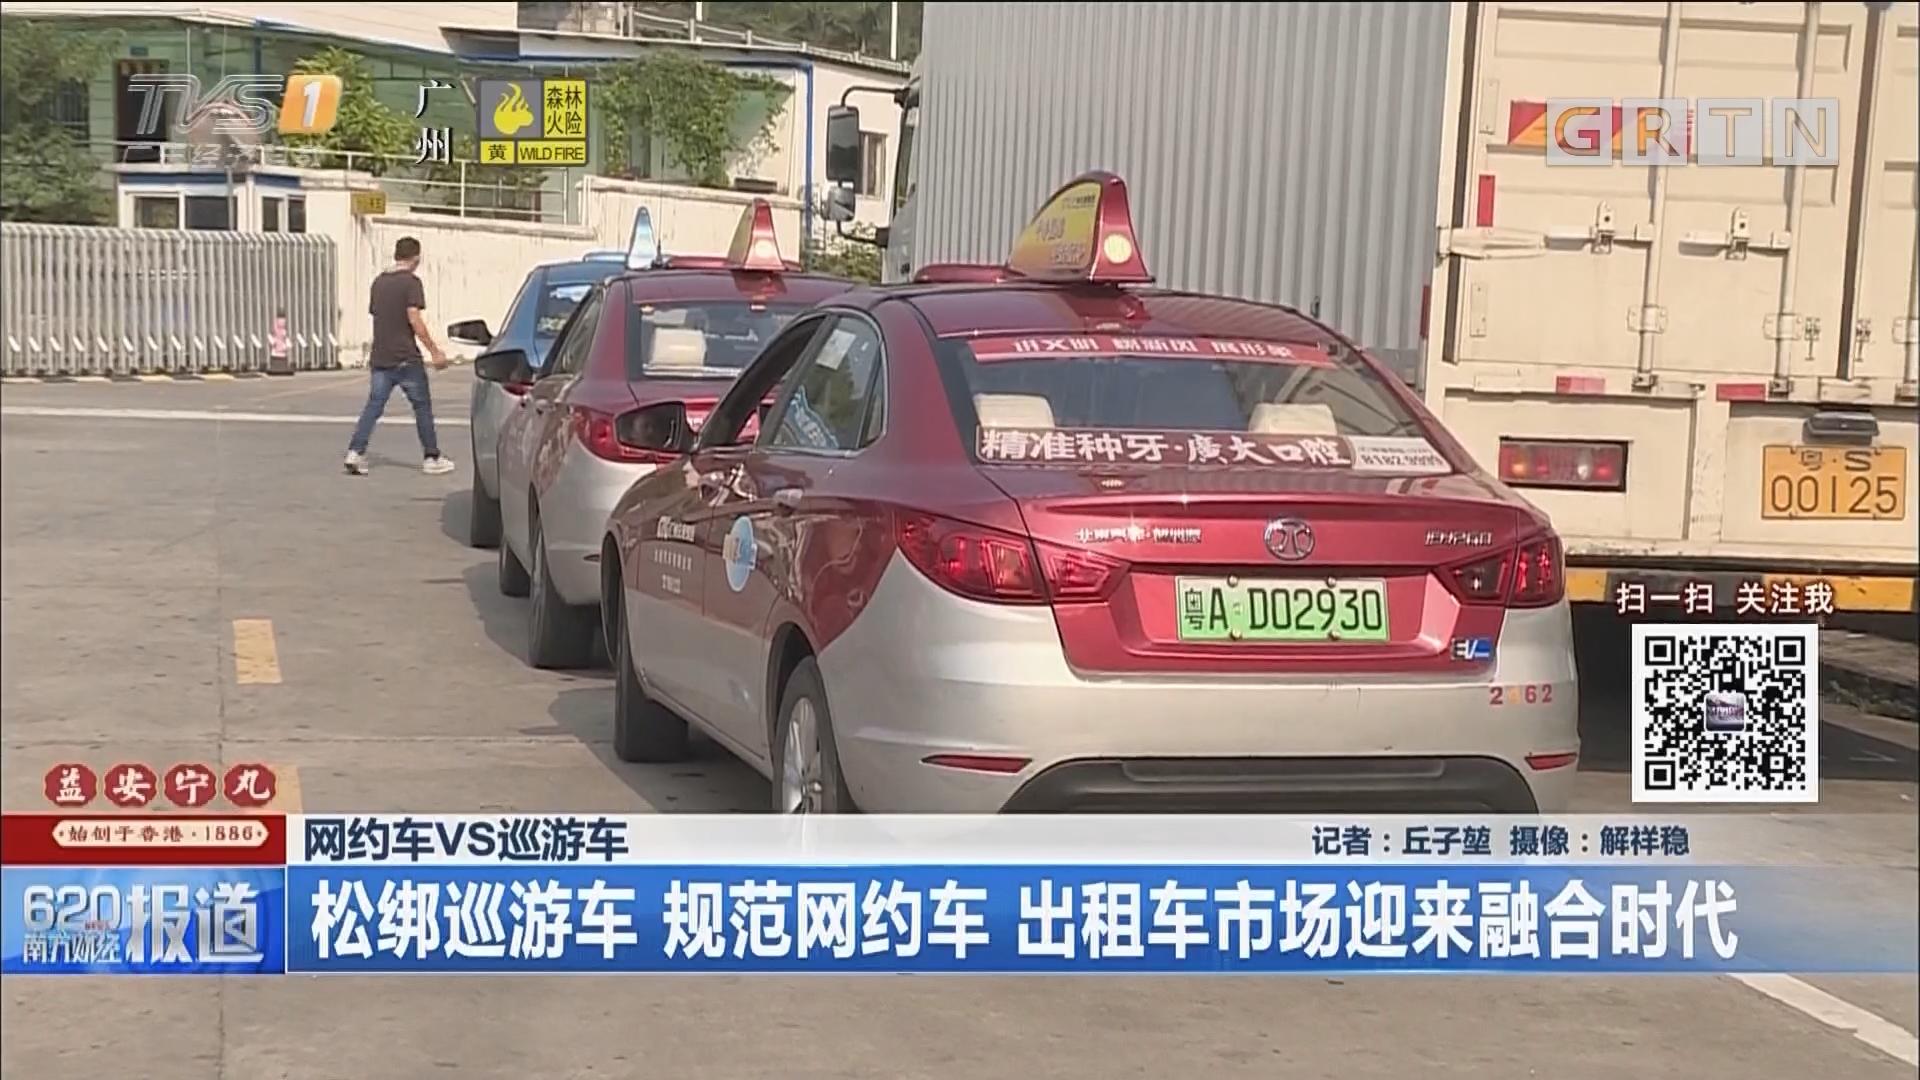 网约车VS巡游车:松绑巡游车 规范网约车 出租车市场迎来融合时代